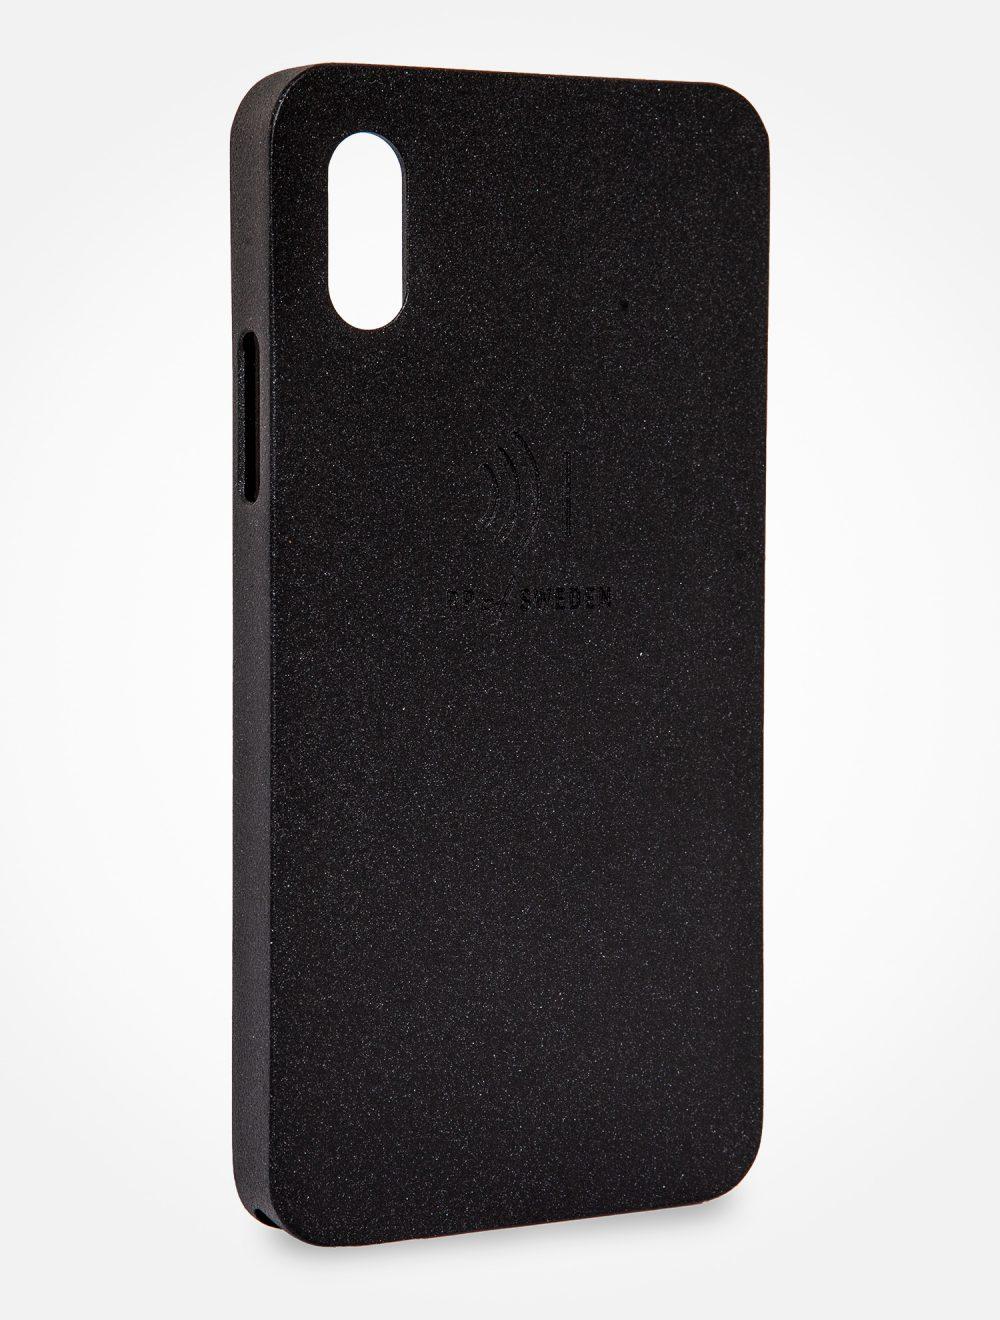 Strålningsskyddande mobilskal, night black aluminium, från RP of Sweden